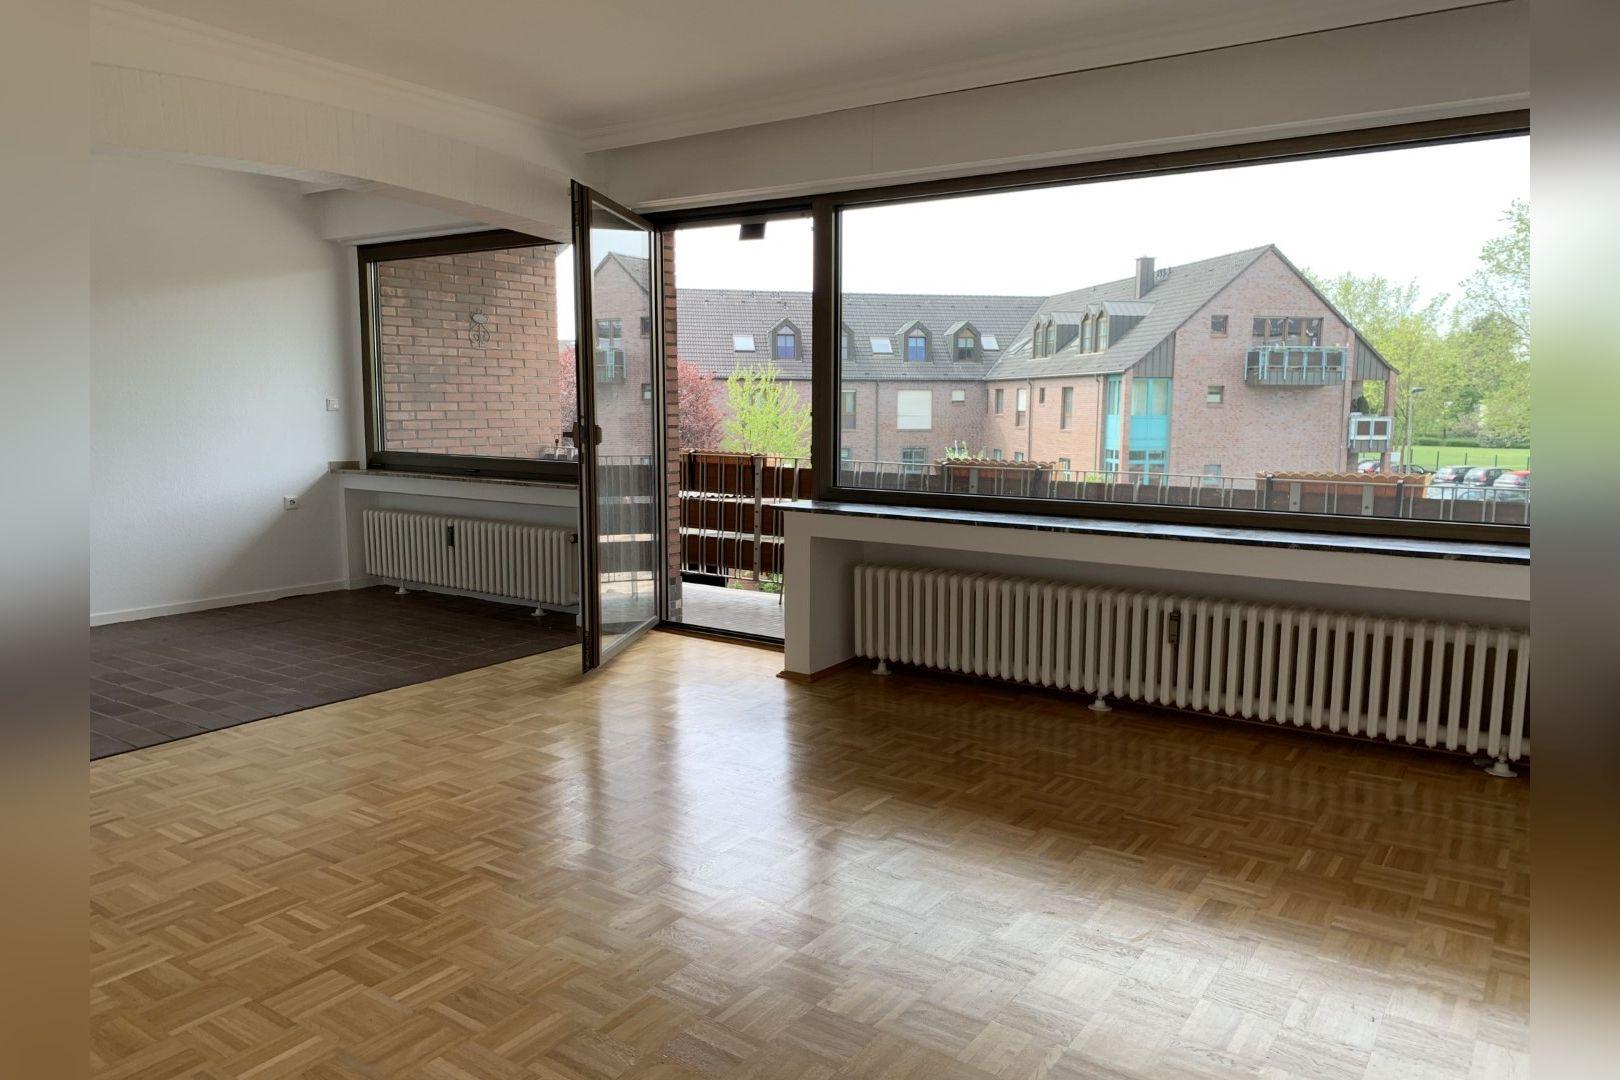 Immobilie Nr.0286 - 2,5 Zimmer Wohnung mit großem Balkon. - Bild 4.jpg